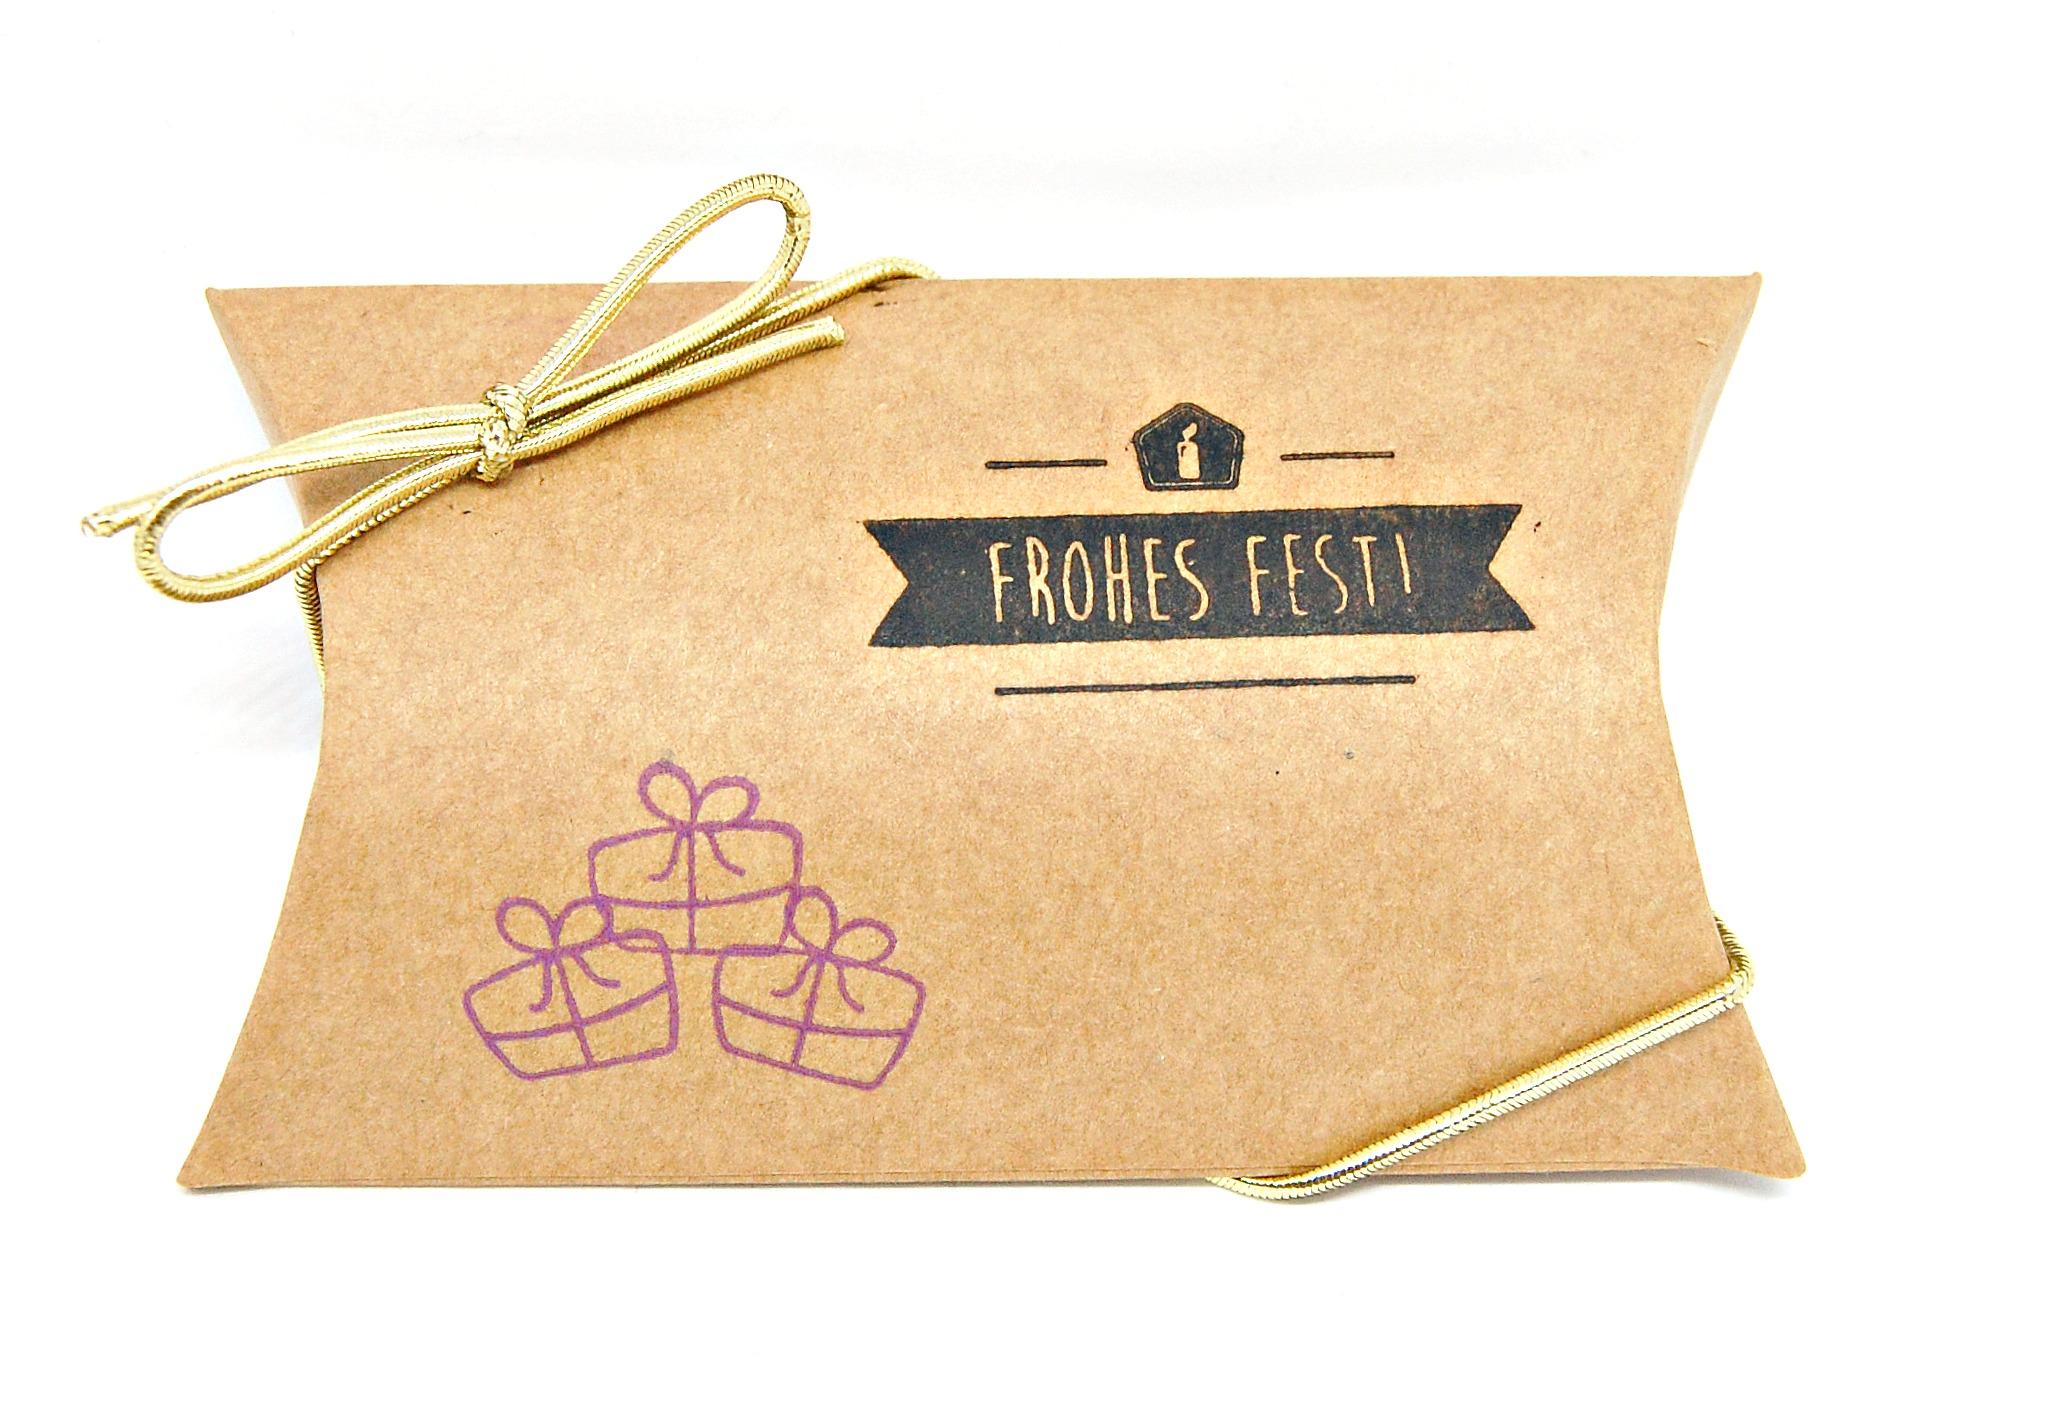 Besonder Weihnachtsgeschenke.Weihnachtsgeschenke Für Kunden Und Mitarbeiter Natürliche Vegane